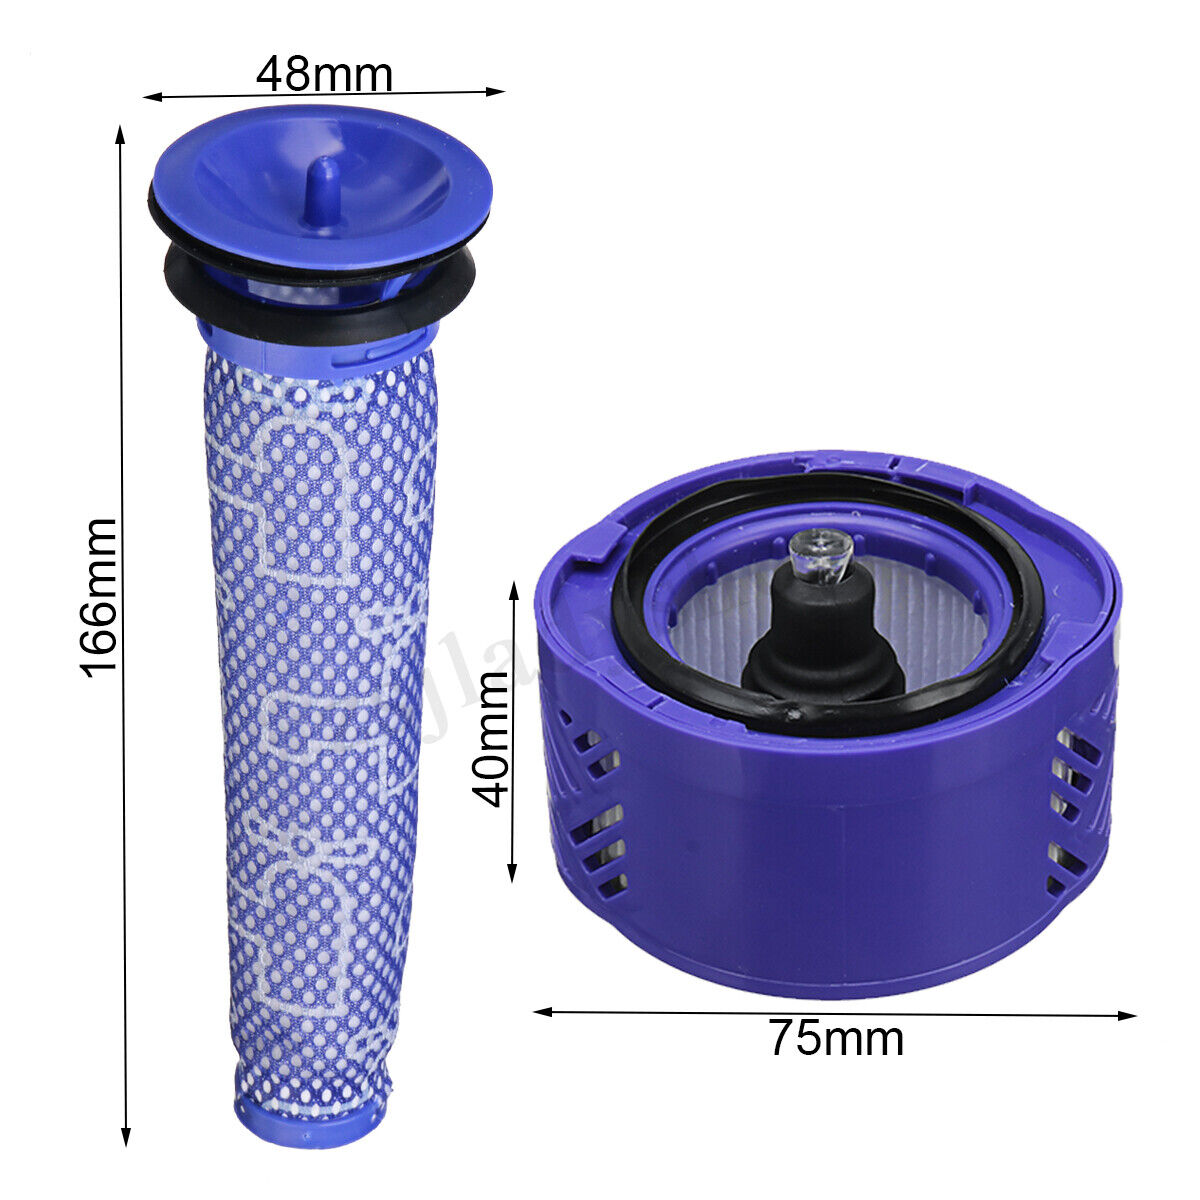 Dyson hepa filter dyson пылесос инструкция